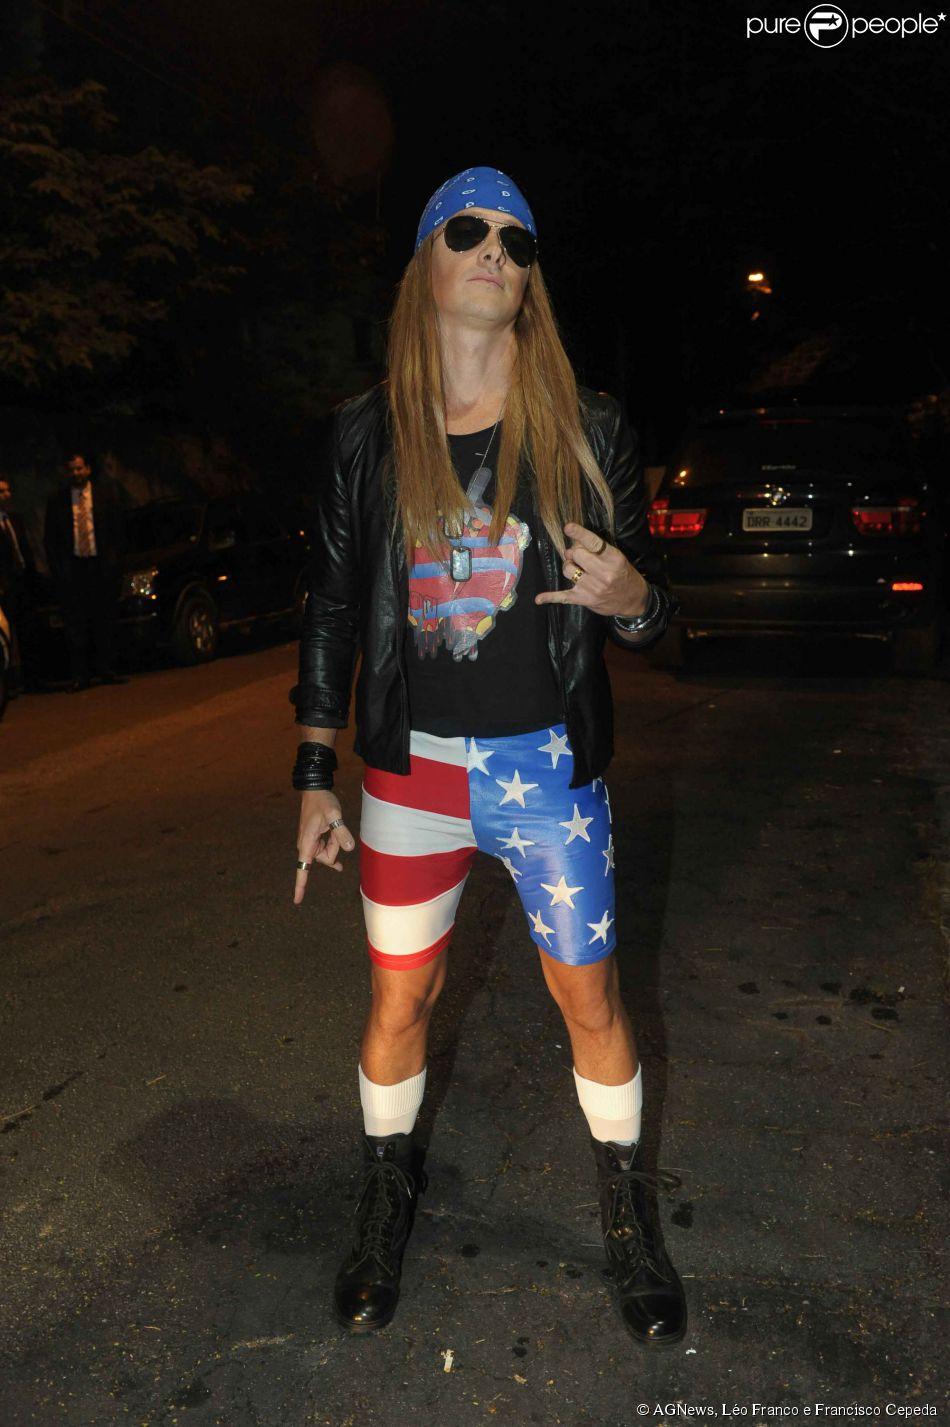 Rodrigo Faro encarna Axl Rose, vocalista do Guns n' Roses, na festa a